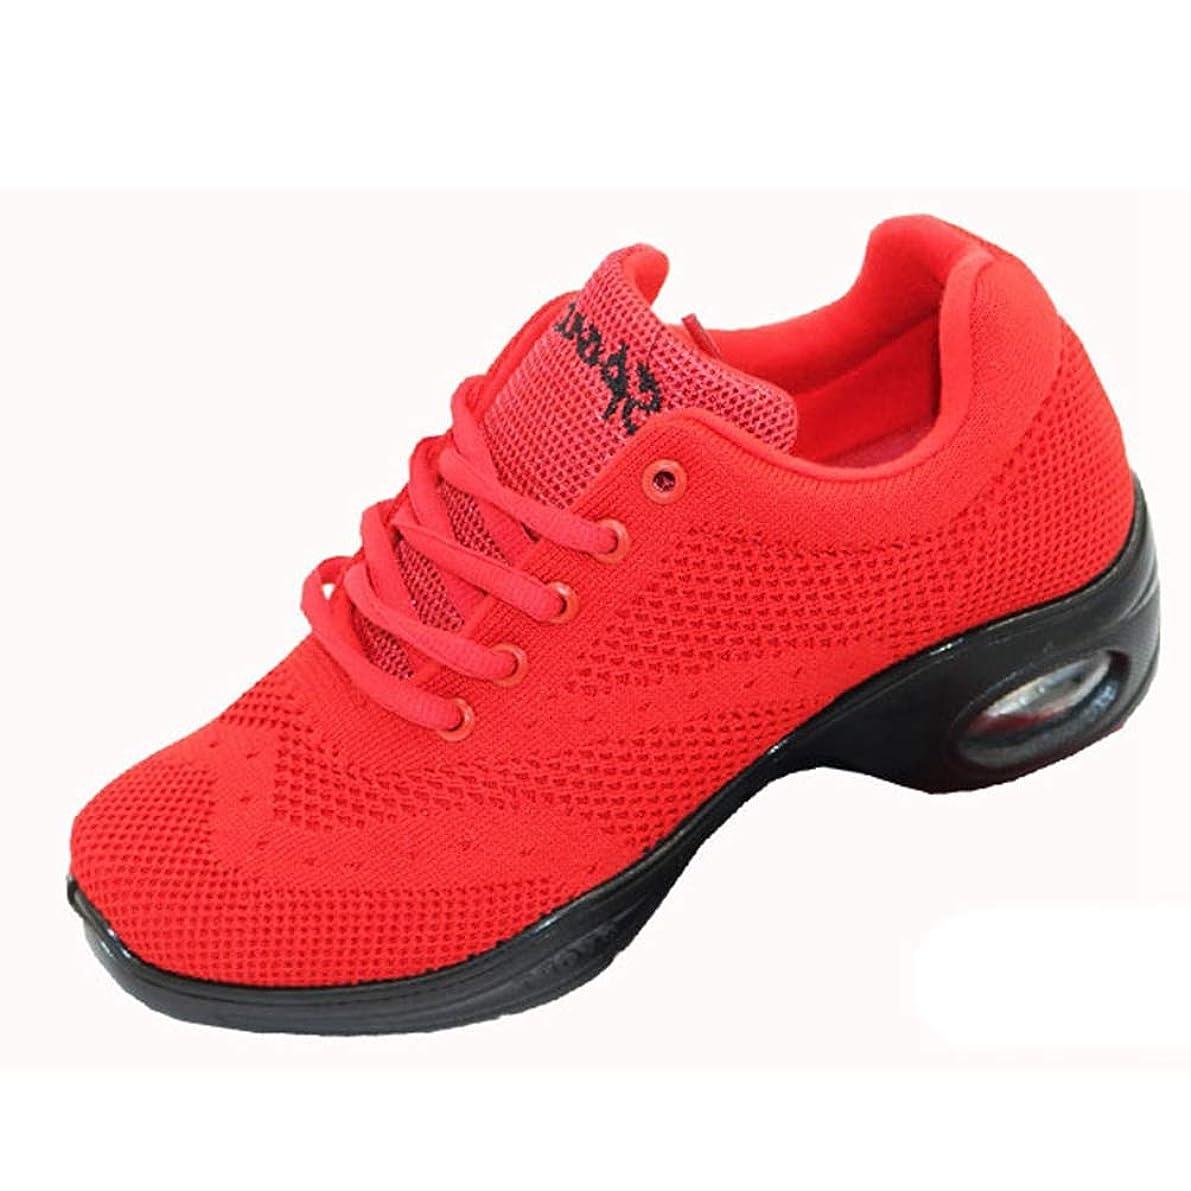 水差し浮くかる[AcMeer] スポーツシューズ レディース メッシュ スニーカー ランニングシューズ 厚底靴 運動靴 大人 学生 デイリー 通学靴 通勤靴 レースアップ 軽量 柔軟性 ウォーキング クッション性 赤 黒